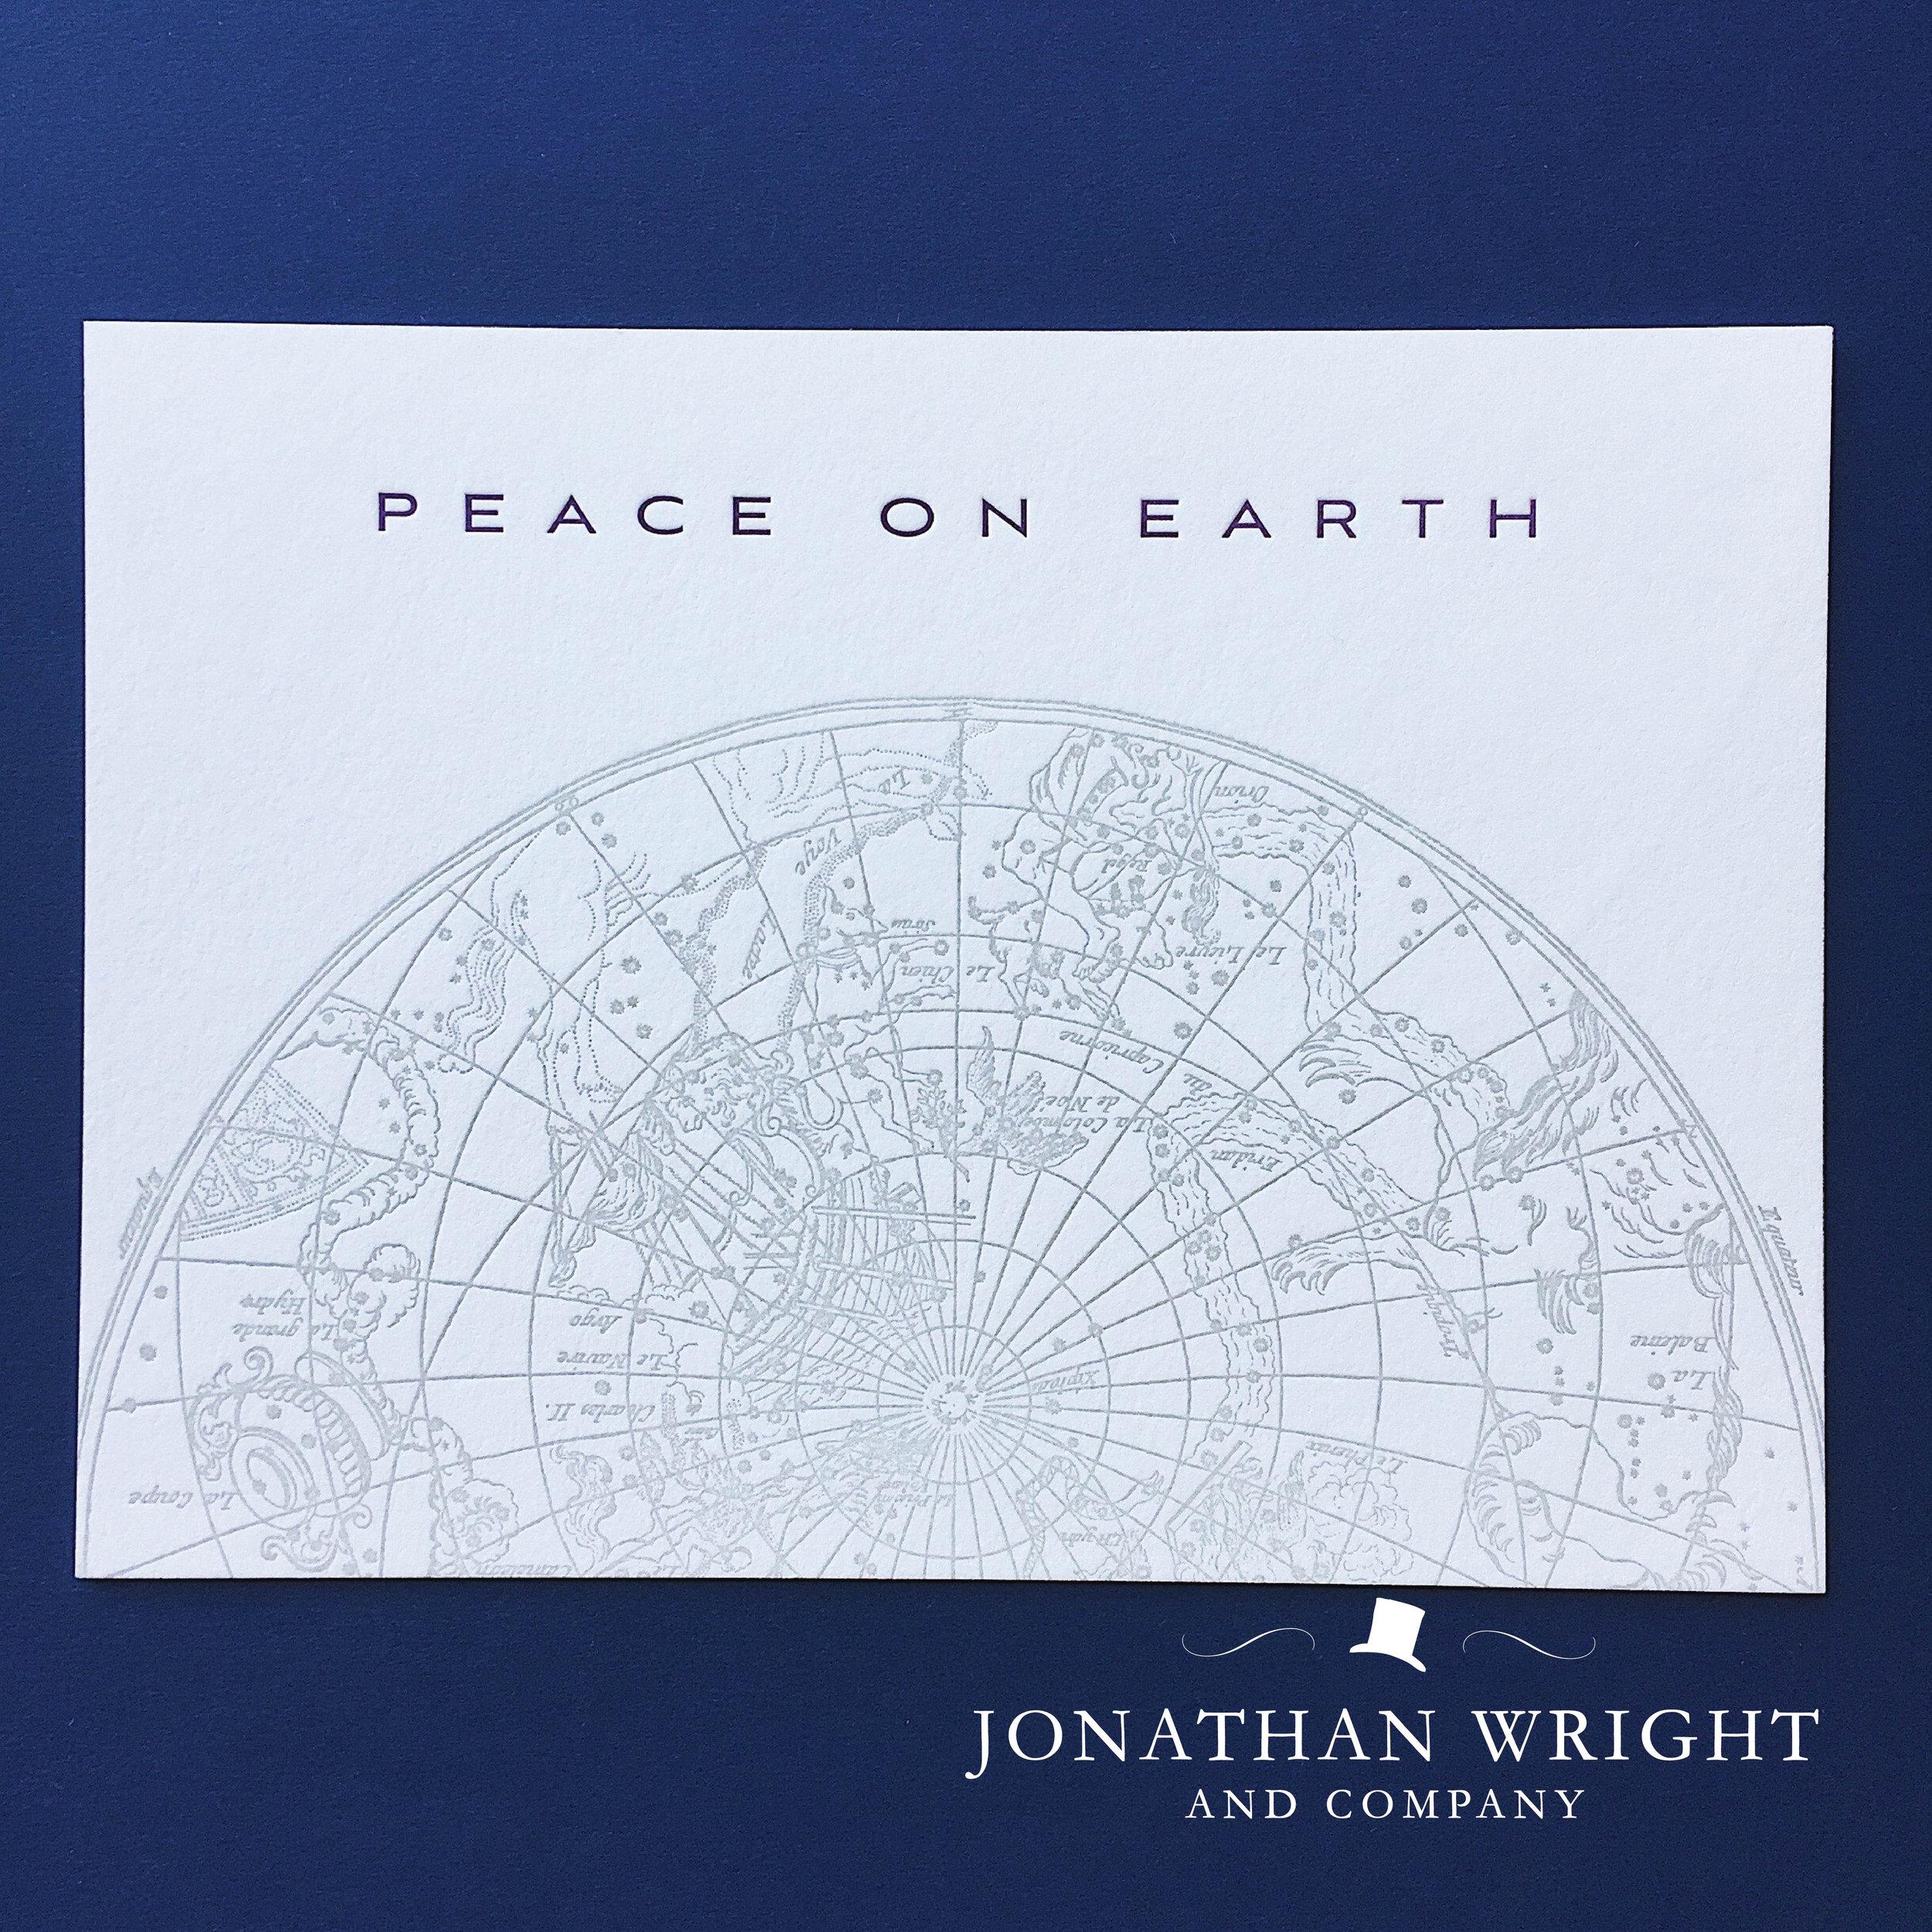 KEITH PEACE 2.jpg